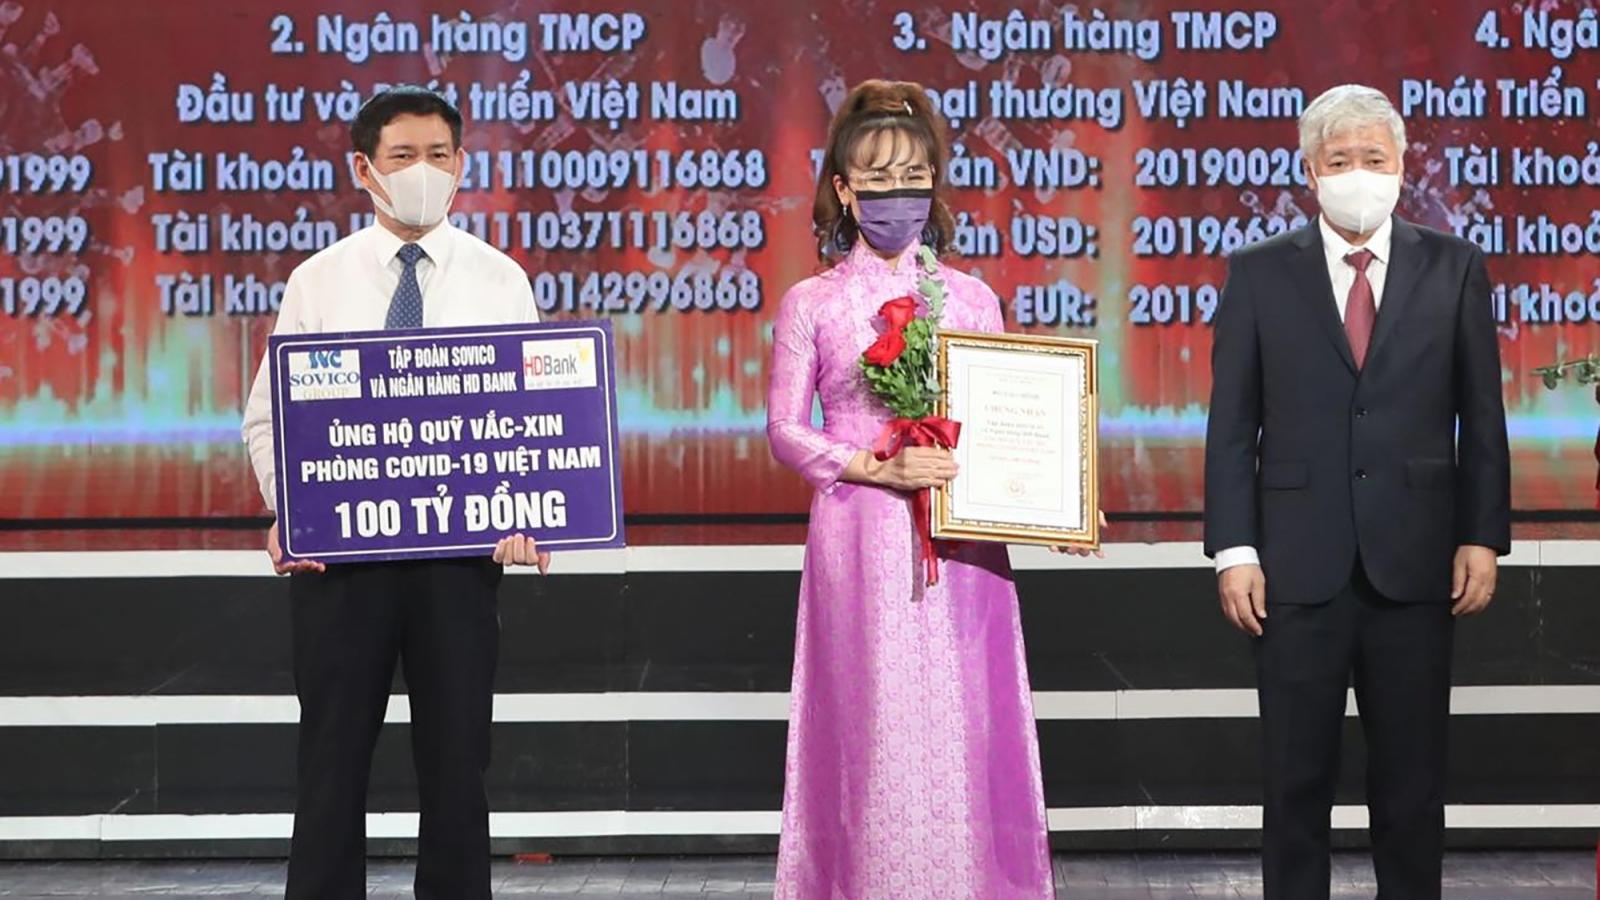 Đồng lòng vì một Việt Nam khỏe mạnh, Việt Nam chiến thắng